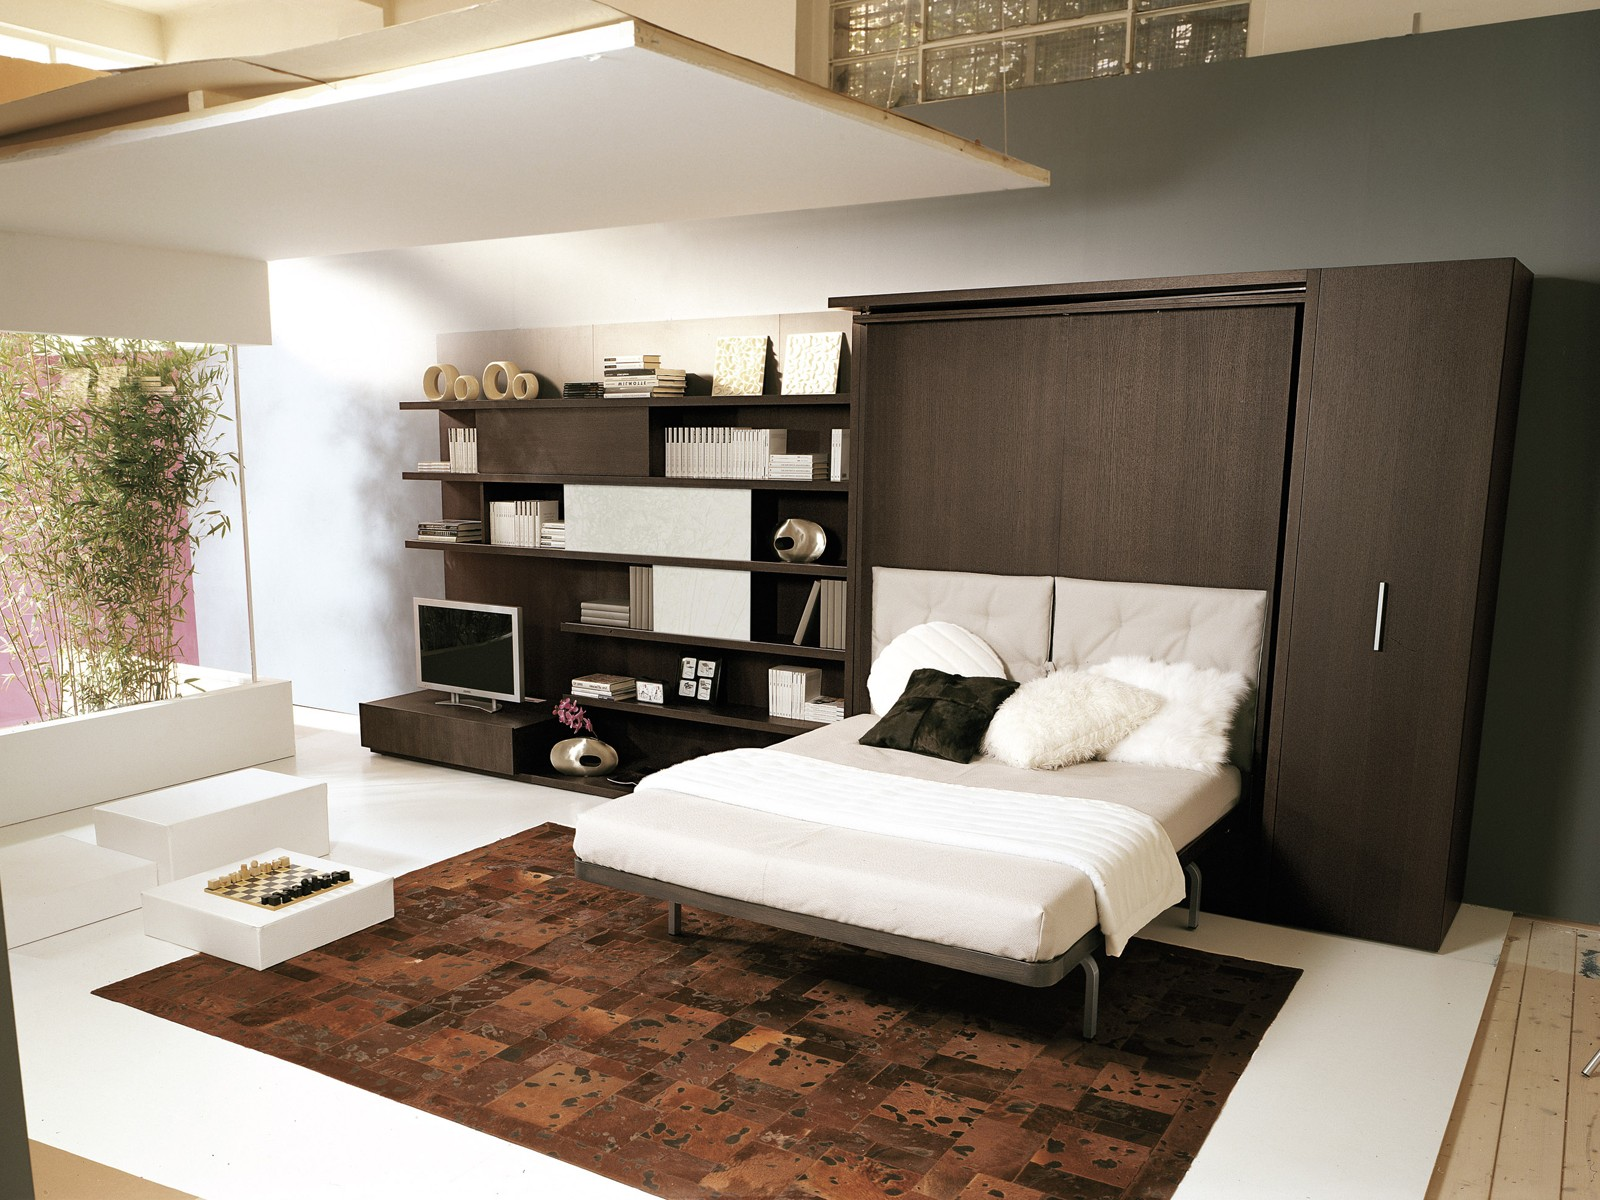 Camere Da Letto Ikea E Prezzi : Camere da letto blu. Camere da ...